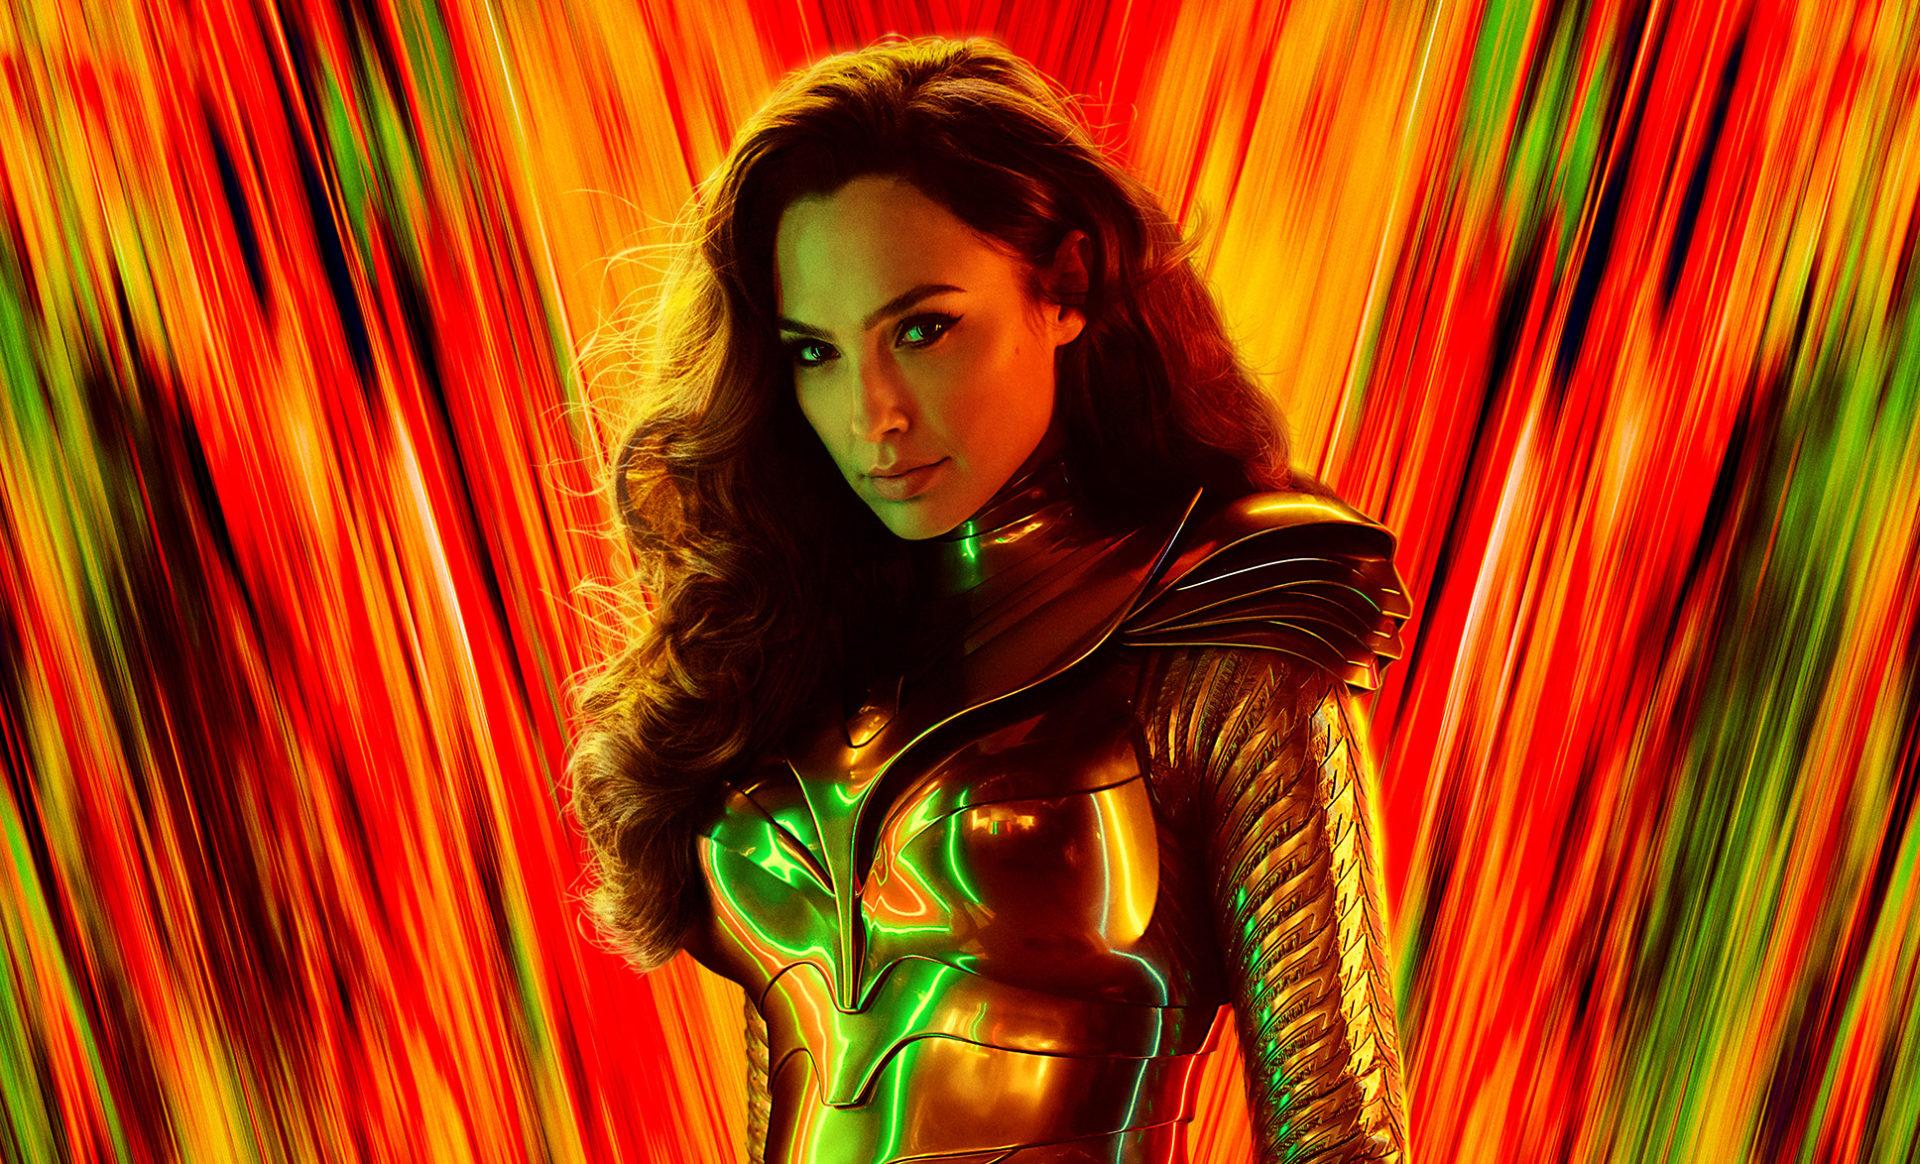 Mulher-Maravilha 2, da DC, é bom? Veja as primeiras críticas